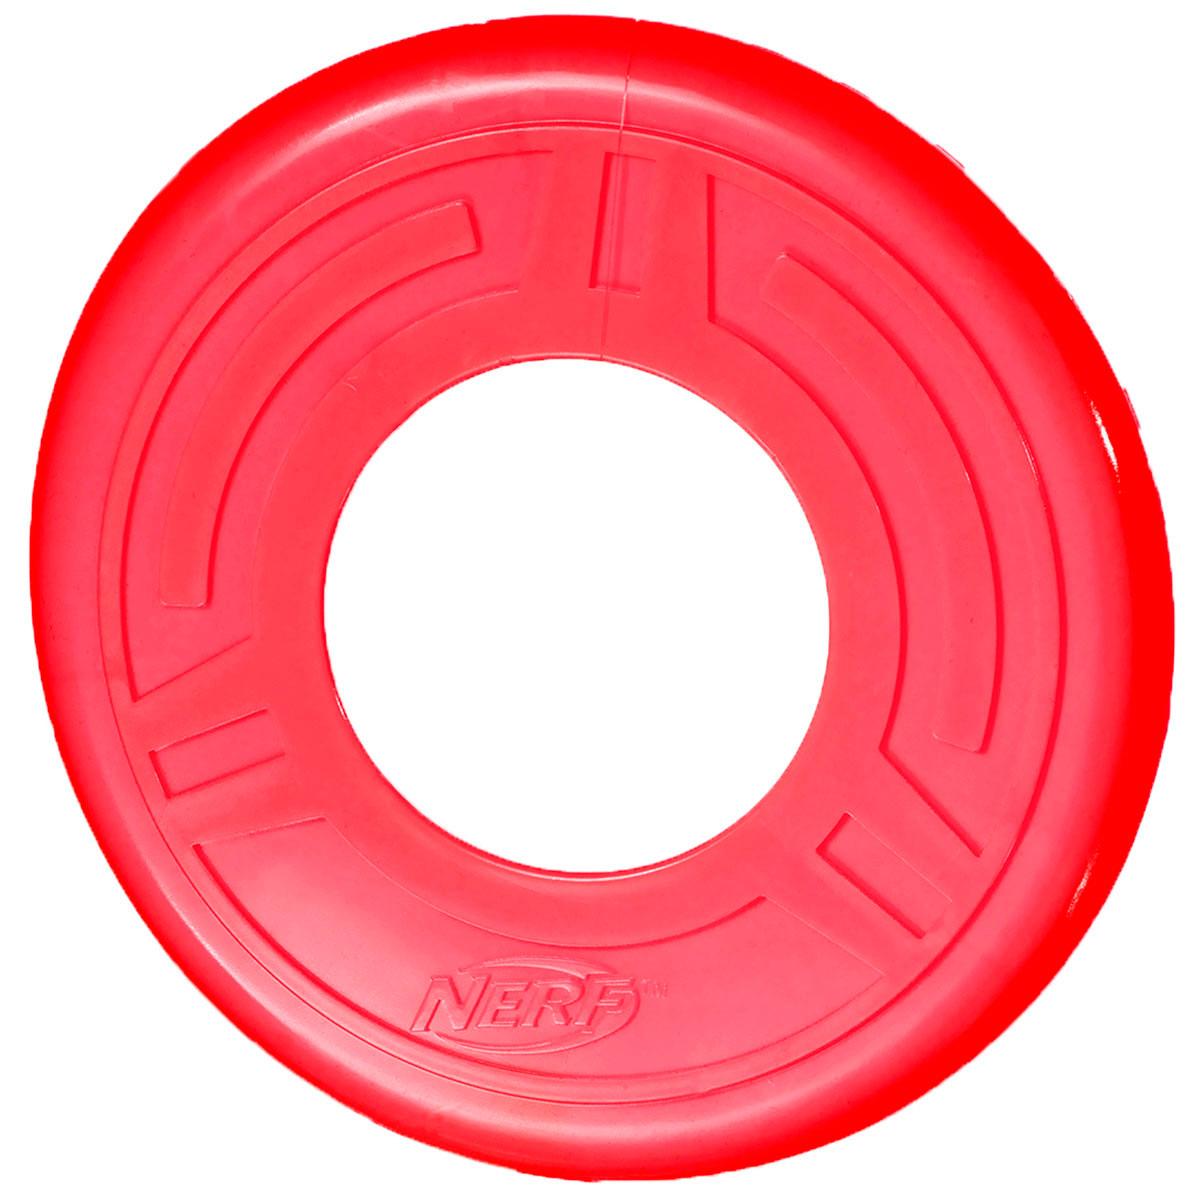 Игрушка для собак Летающая тарелка Nerf Диск для фрисби 25 см (1 шт) спортивный инвентарь наша игрушка летающая тарелка 20 см 635609